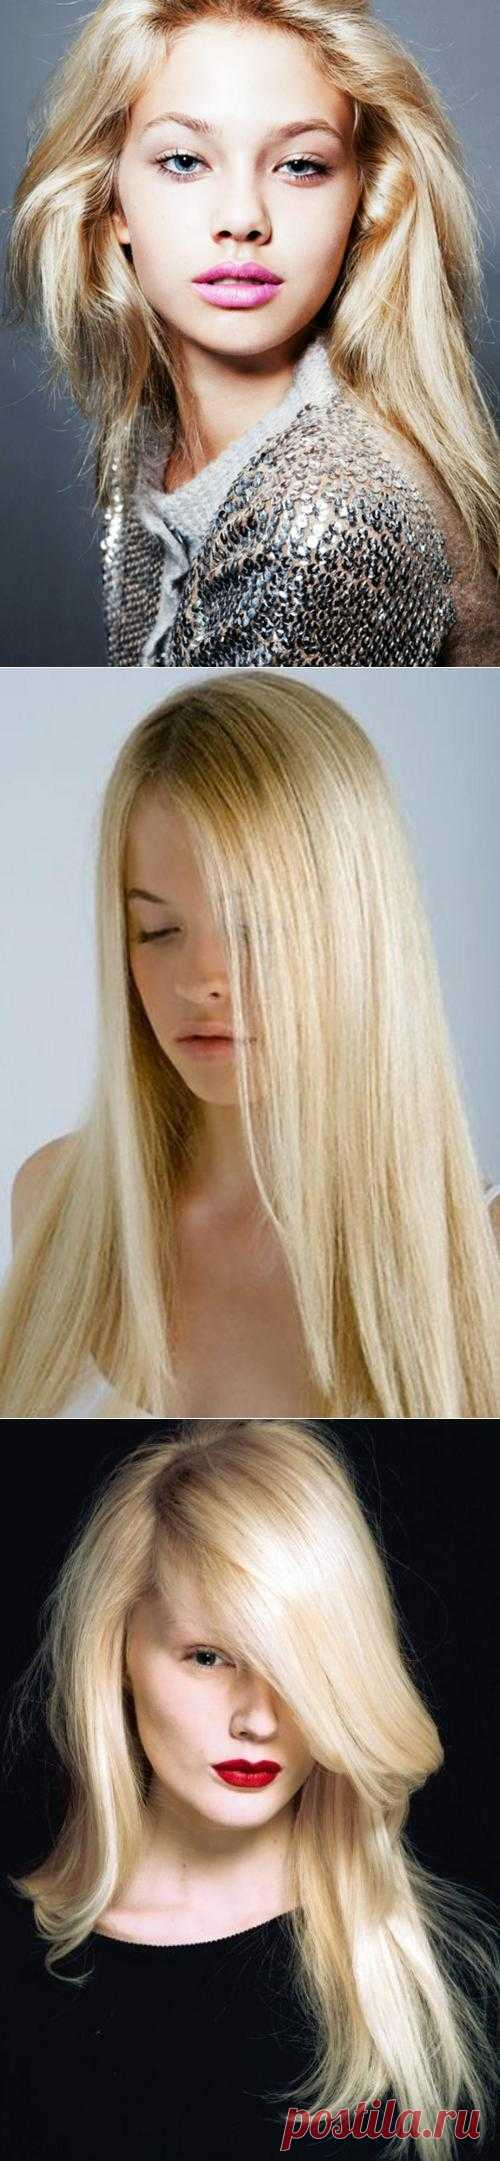 Как осветлить волосы без краски